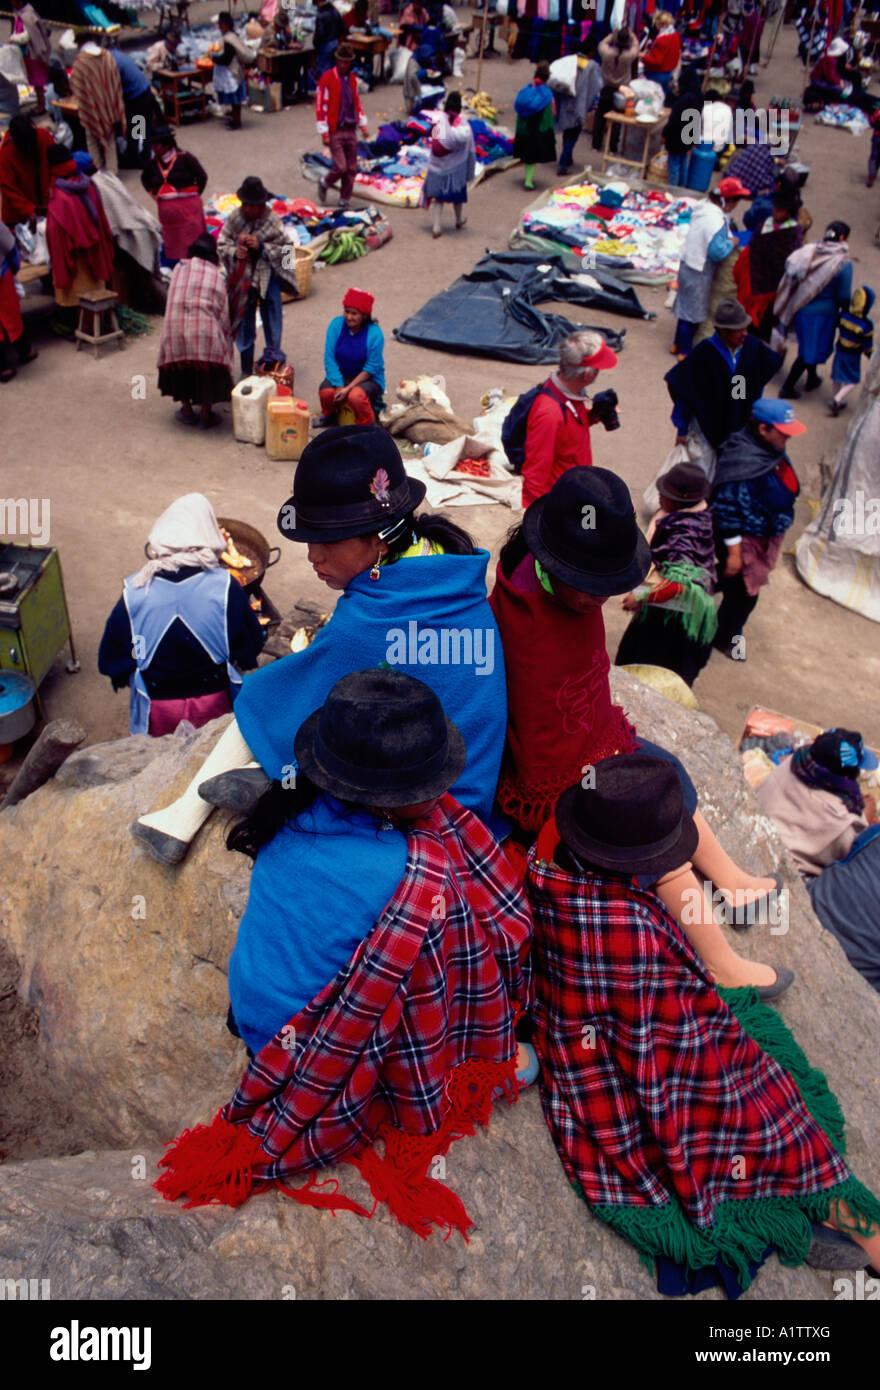 Pueblo ecuatoriano persona mujeres niñas vestían poncho poncho y sombrero  sombreros a día de mercado Imagen df2d98bc802